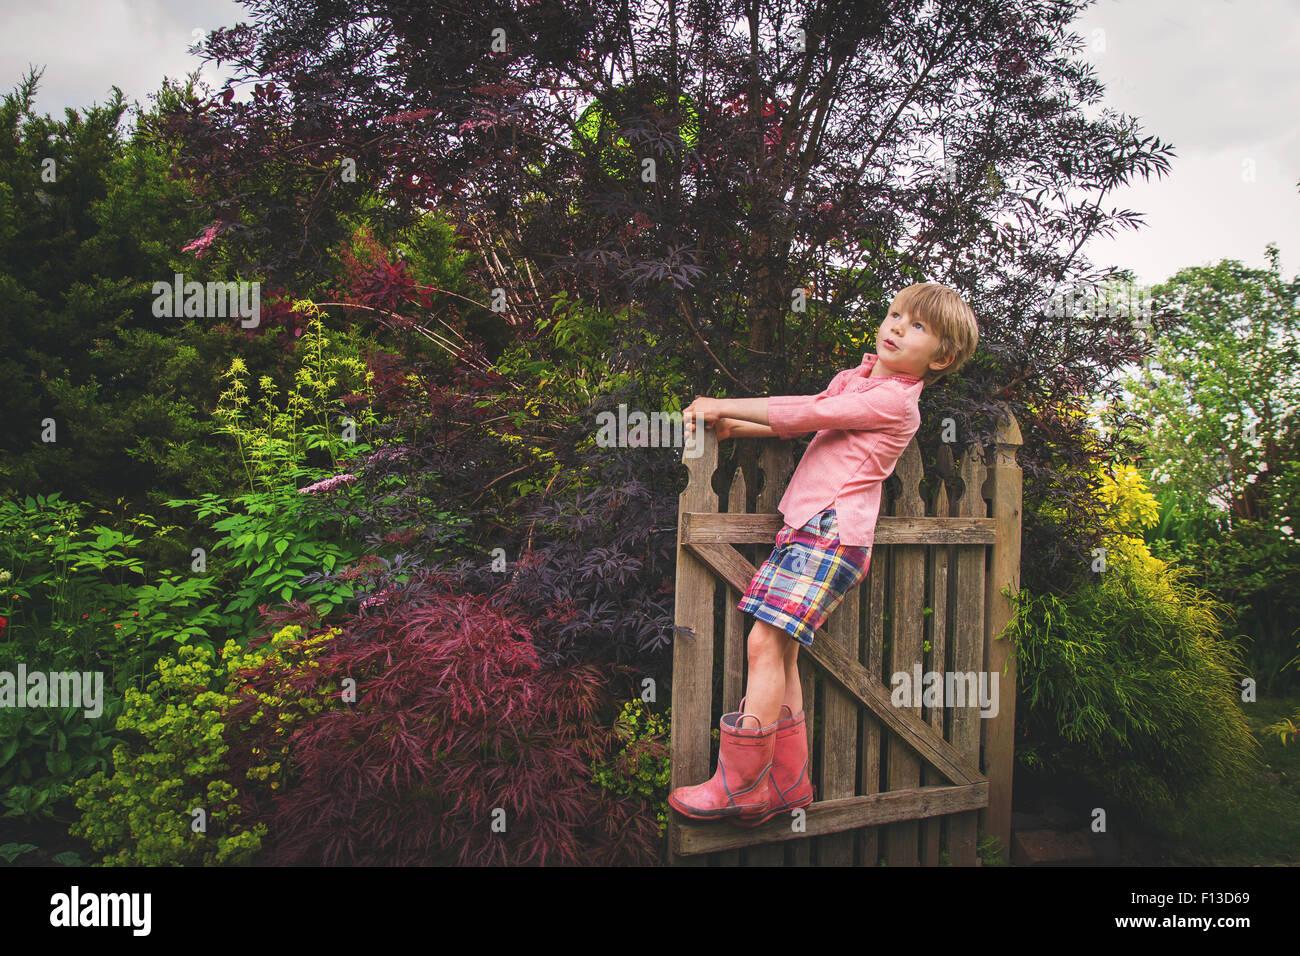 Ritratto di un ragazzo in piedi sul cancello di legno, guardando verso l'alto Immagini Stock